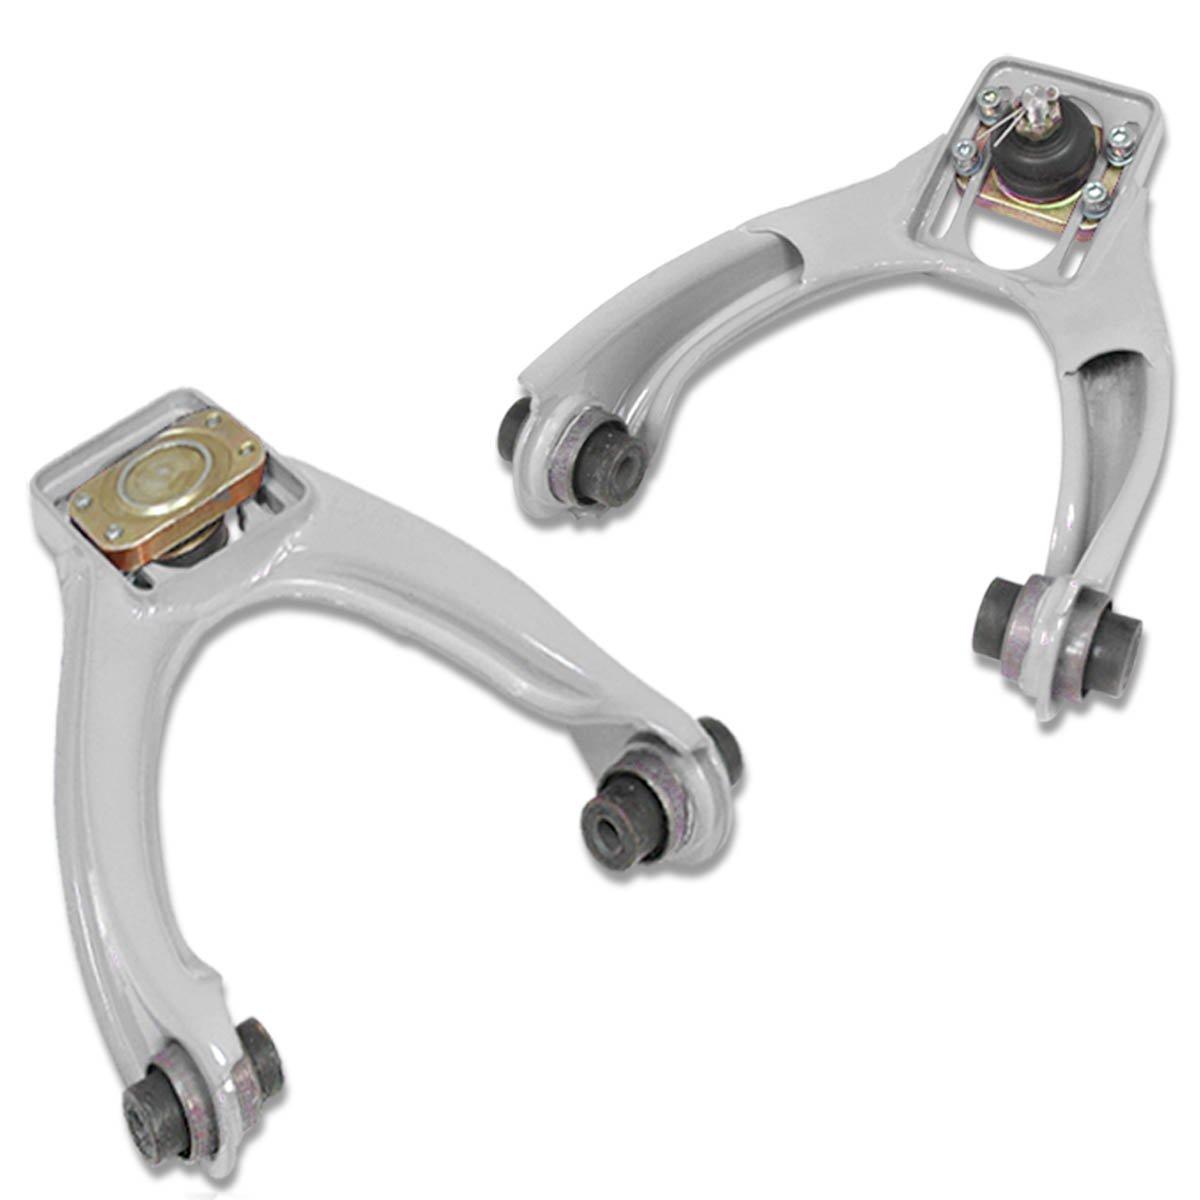 For 96-00 Honda Civic DNA Motoring CBK-HC96-SL Suspension Camber Kit